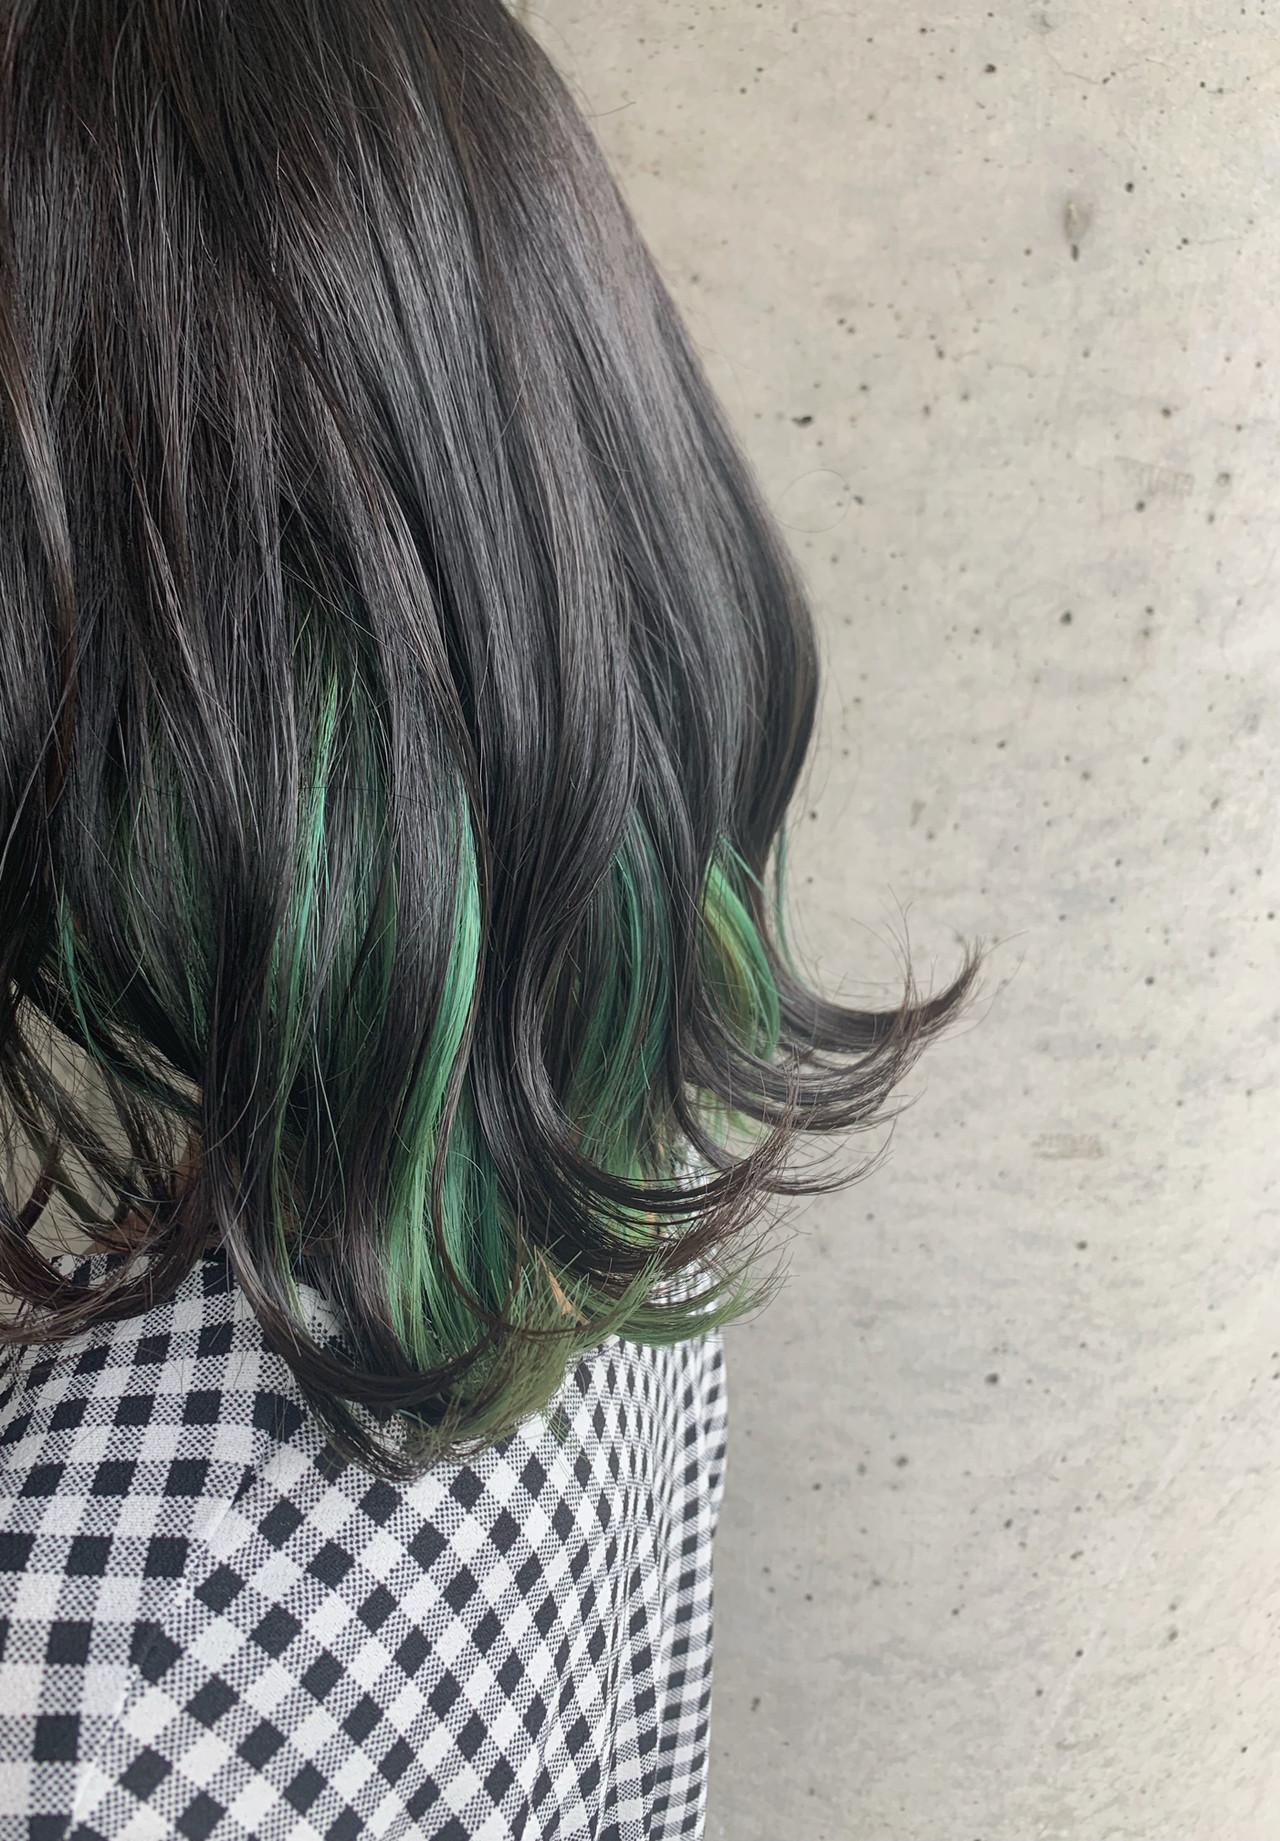 インナーカラー グリーン ミディアム ナチュラル ヘアスタイルや髪型の写真・画像